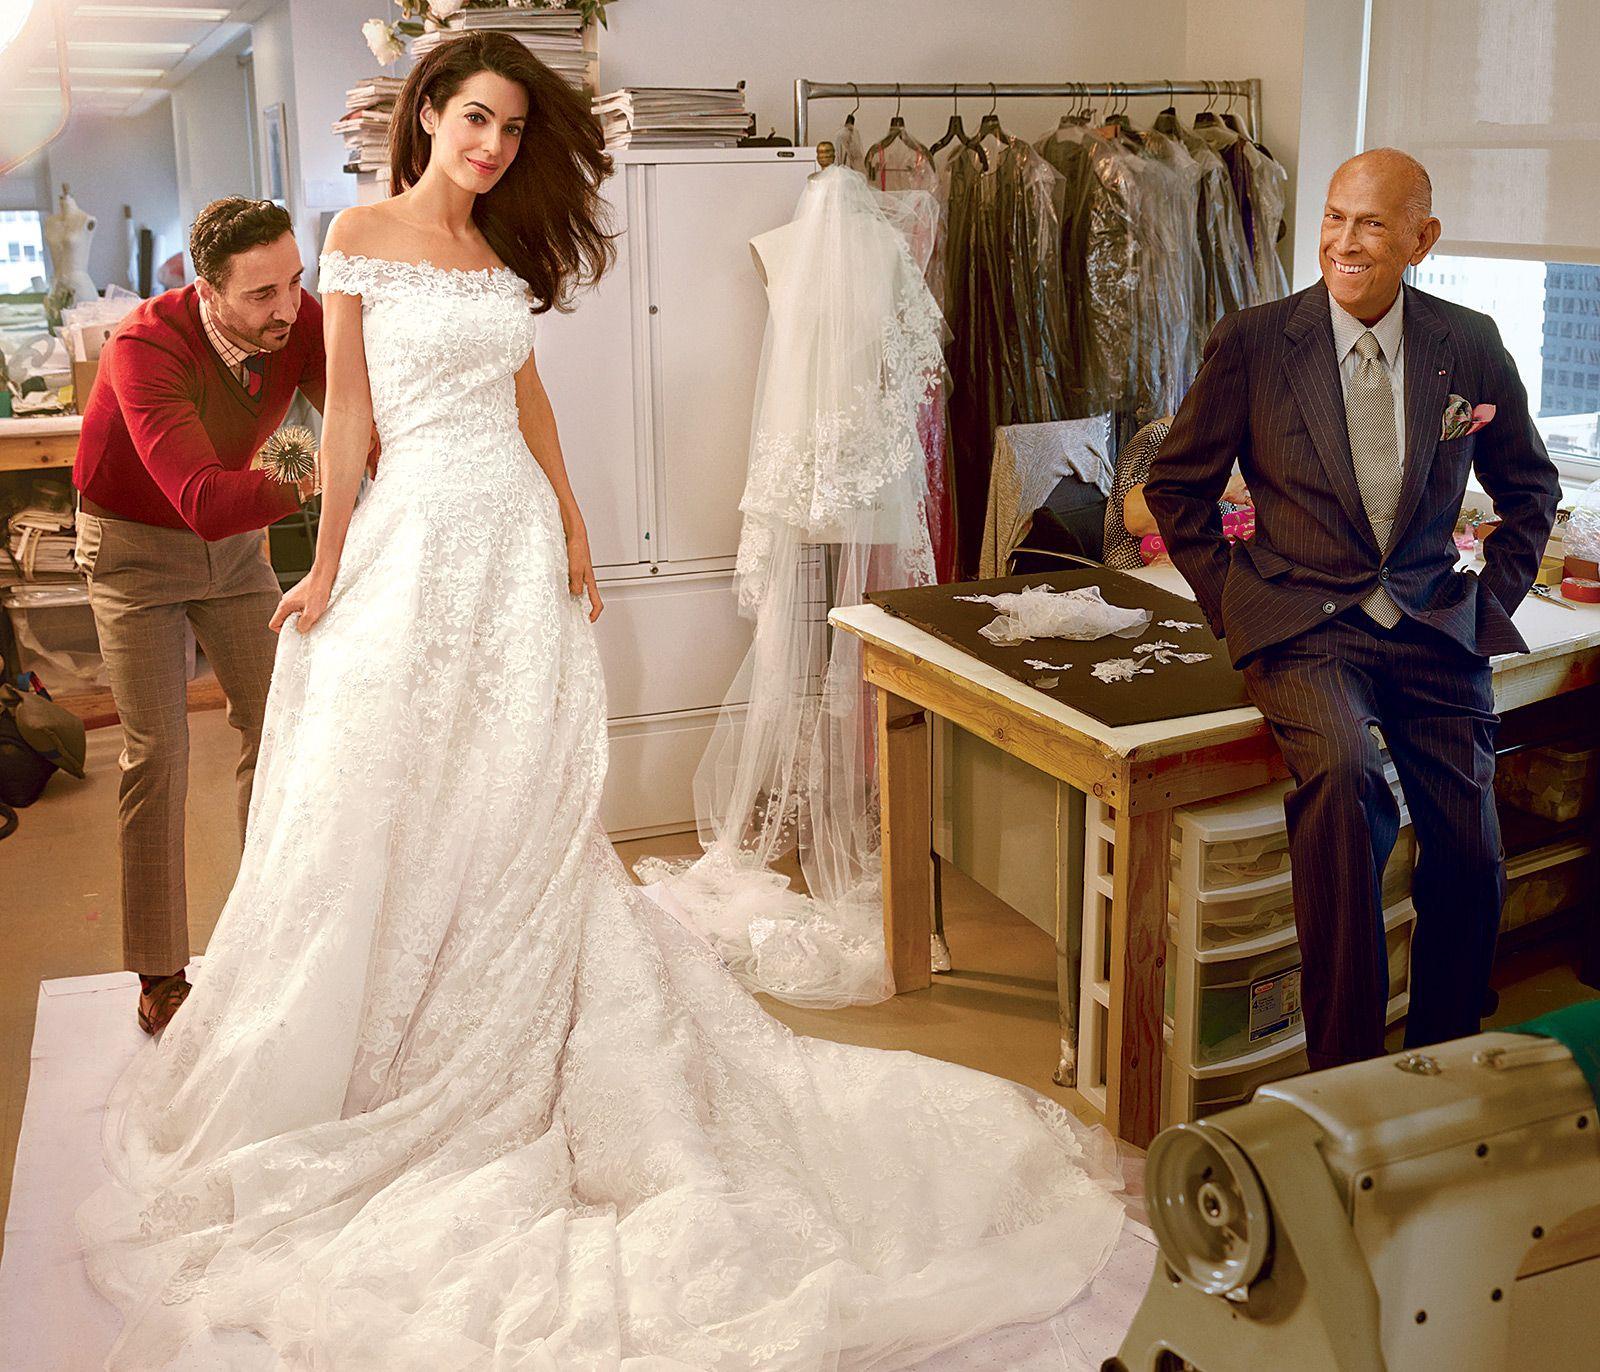 49+ Amal clooney wedding dress ideas in 2021